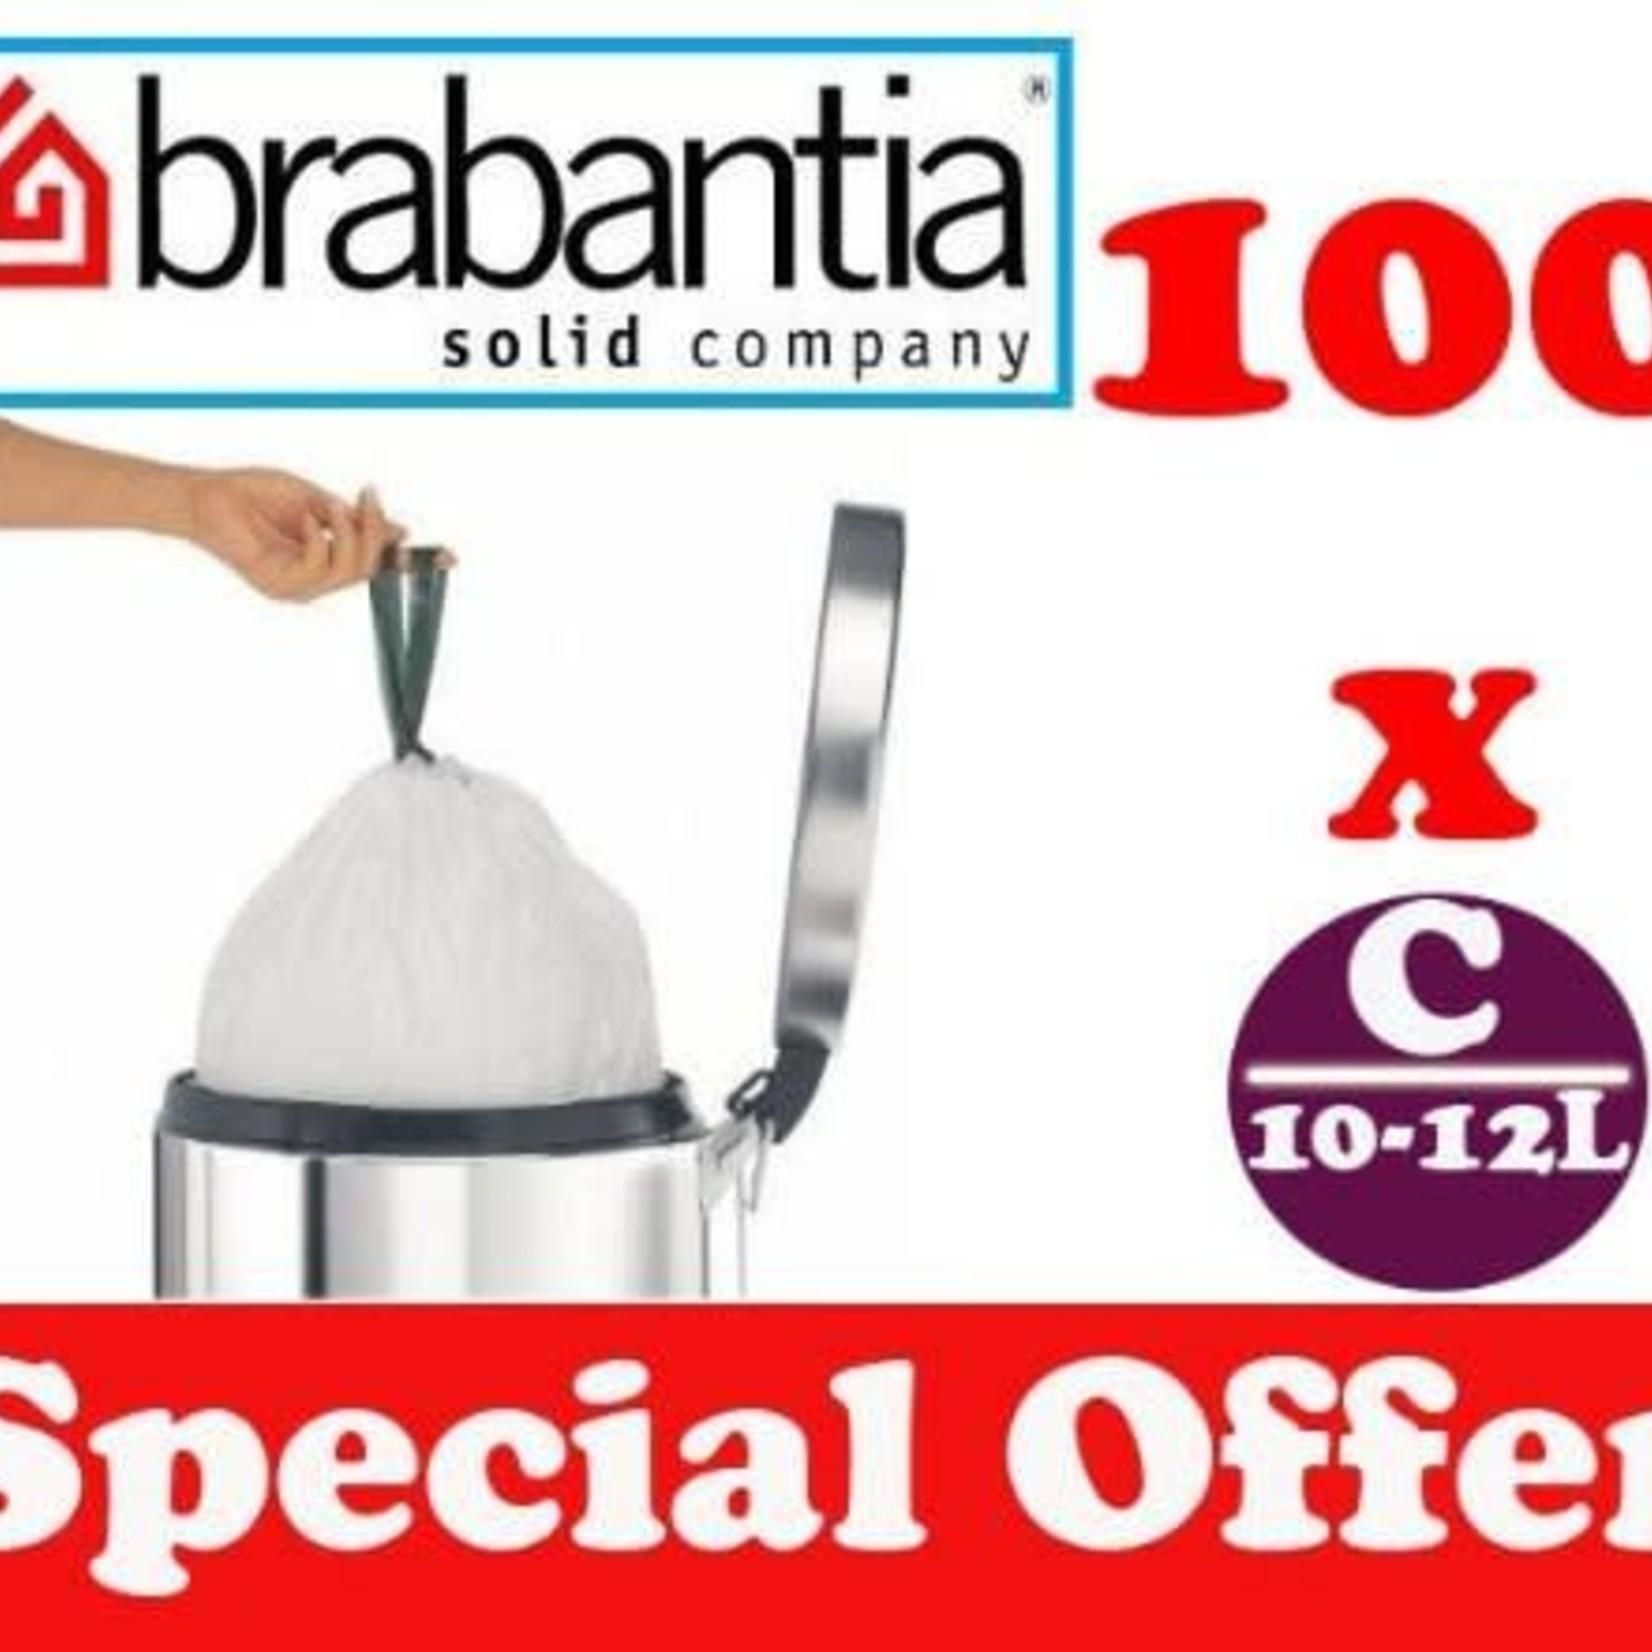 Brabantia 100 X 10-12L LITRE BRABANTIA SMARTFIX BIN LINERS WASTE BAGS SACKS TYPE C 2.2-2.6 UK GAL